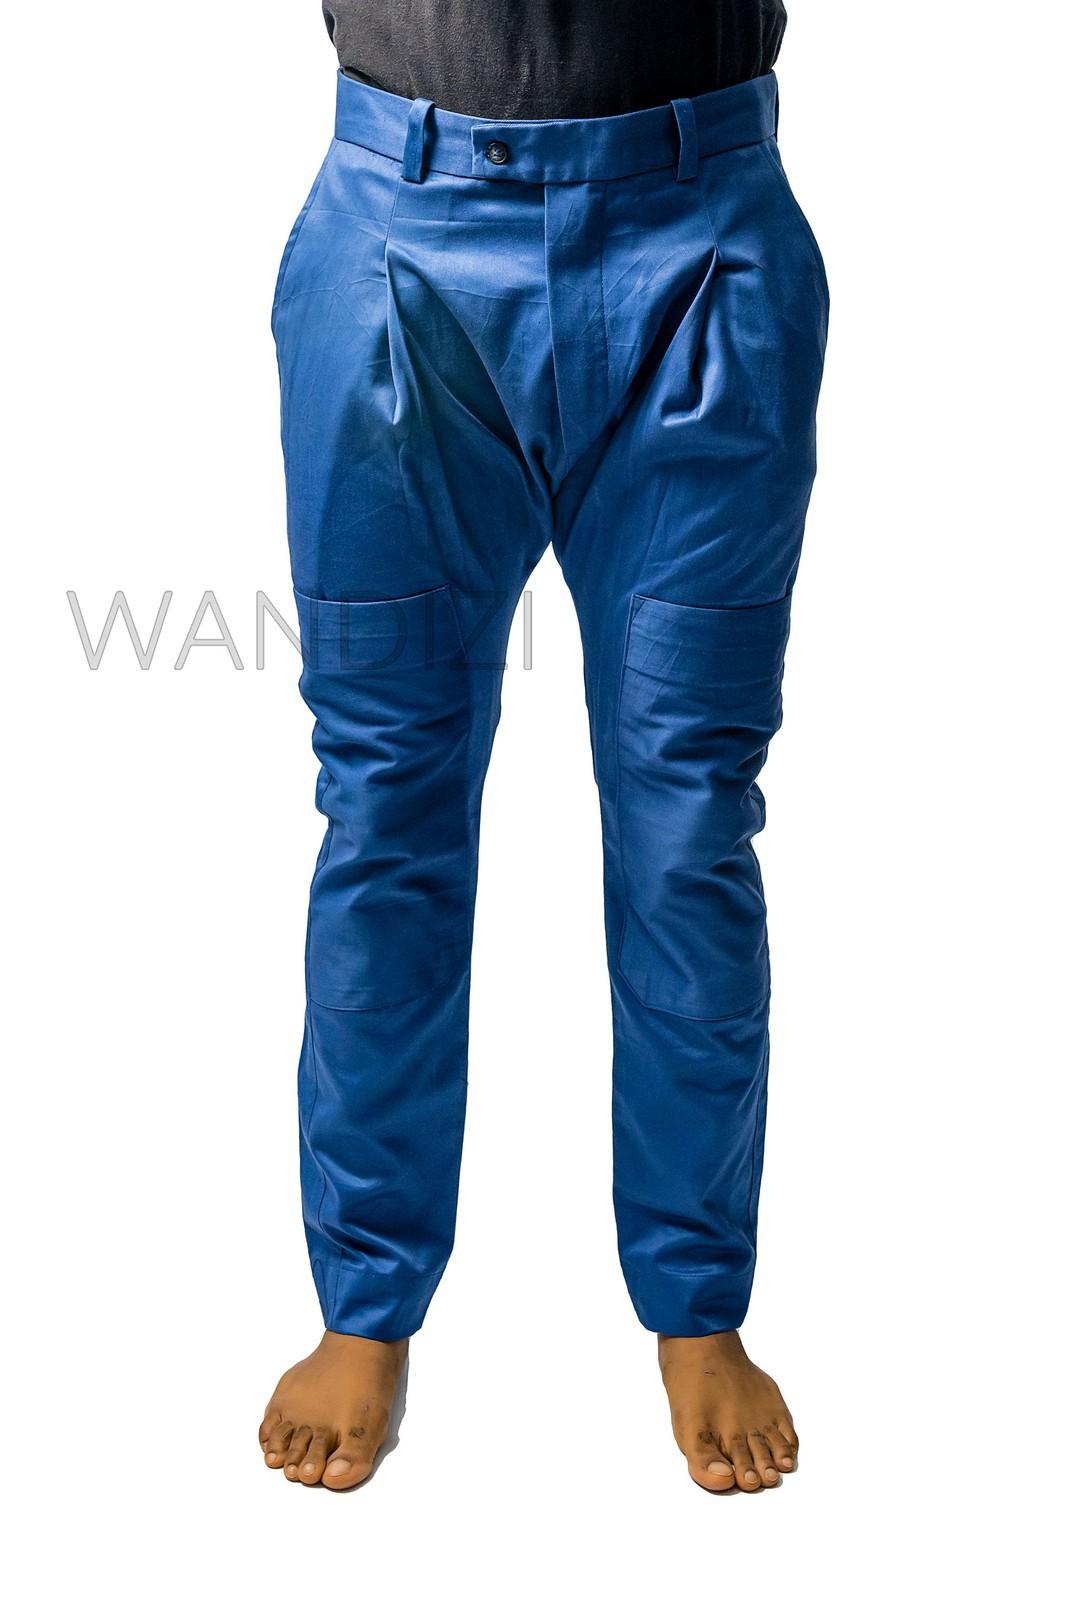 Unique Pockets Drop-Crotch Pants NO.95 Black Cotton Jersey Casual Harem Pants Women Unisex Pants